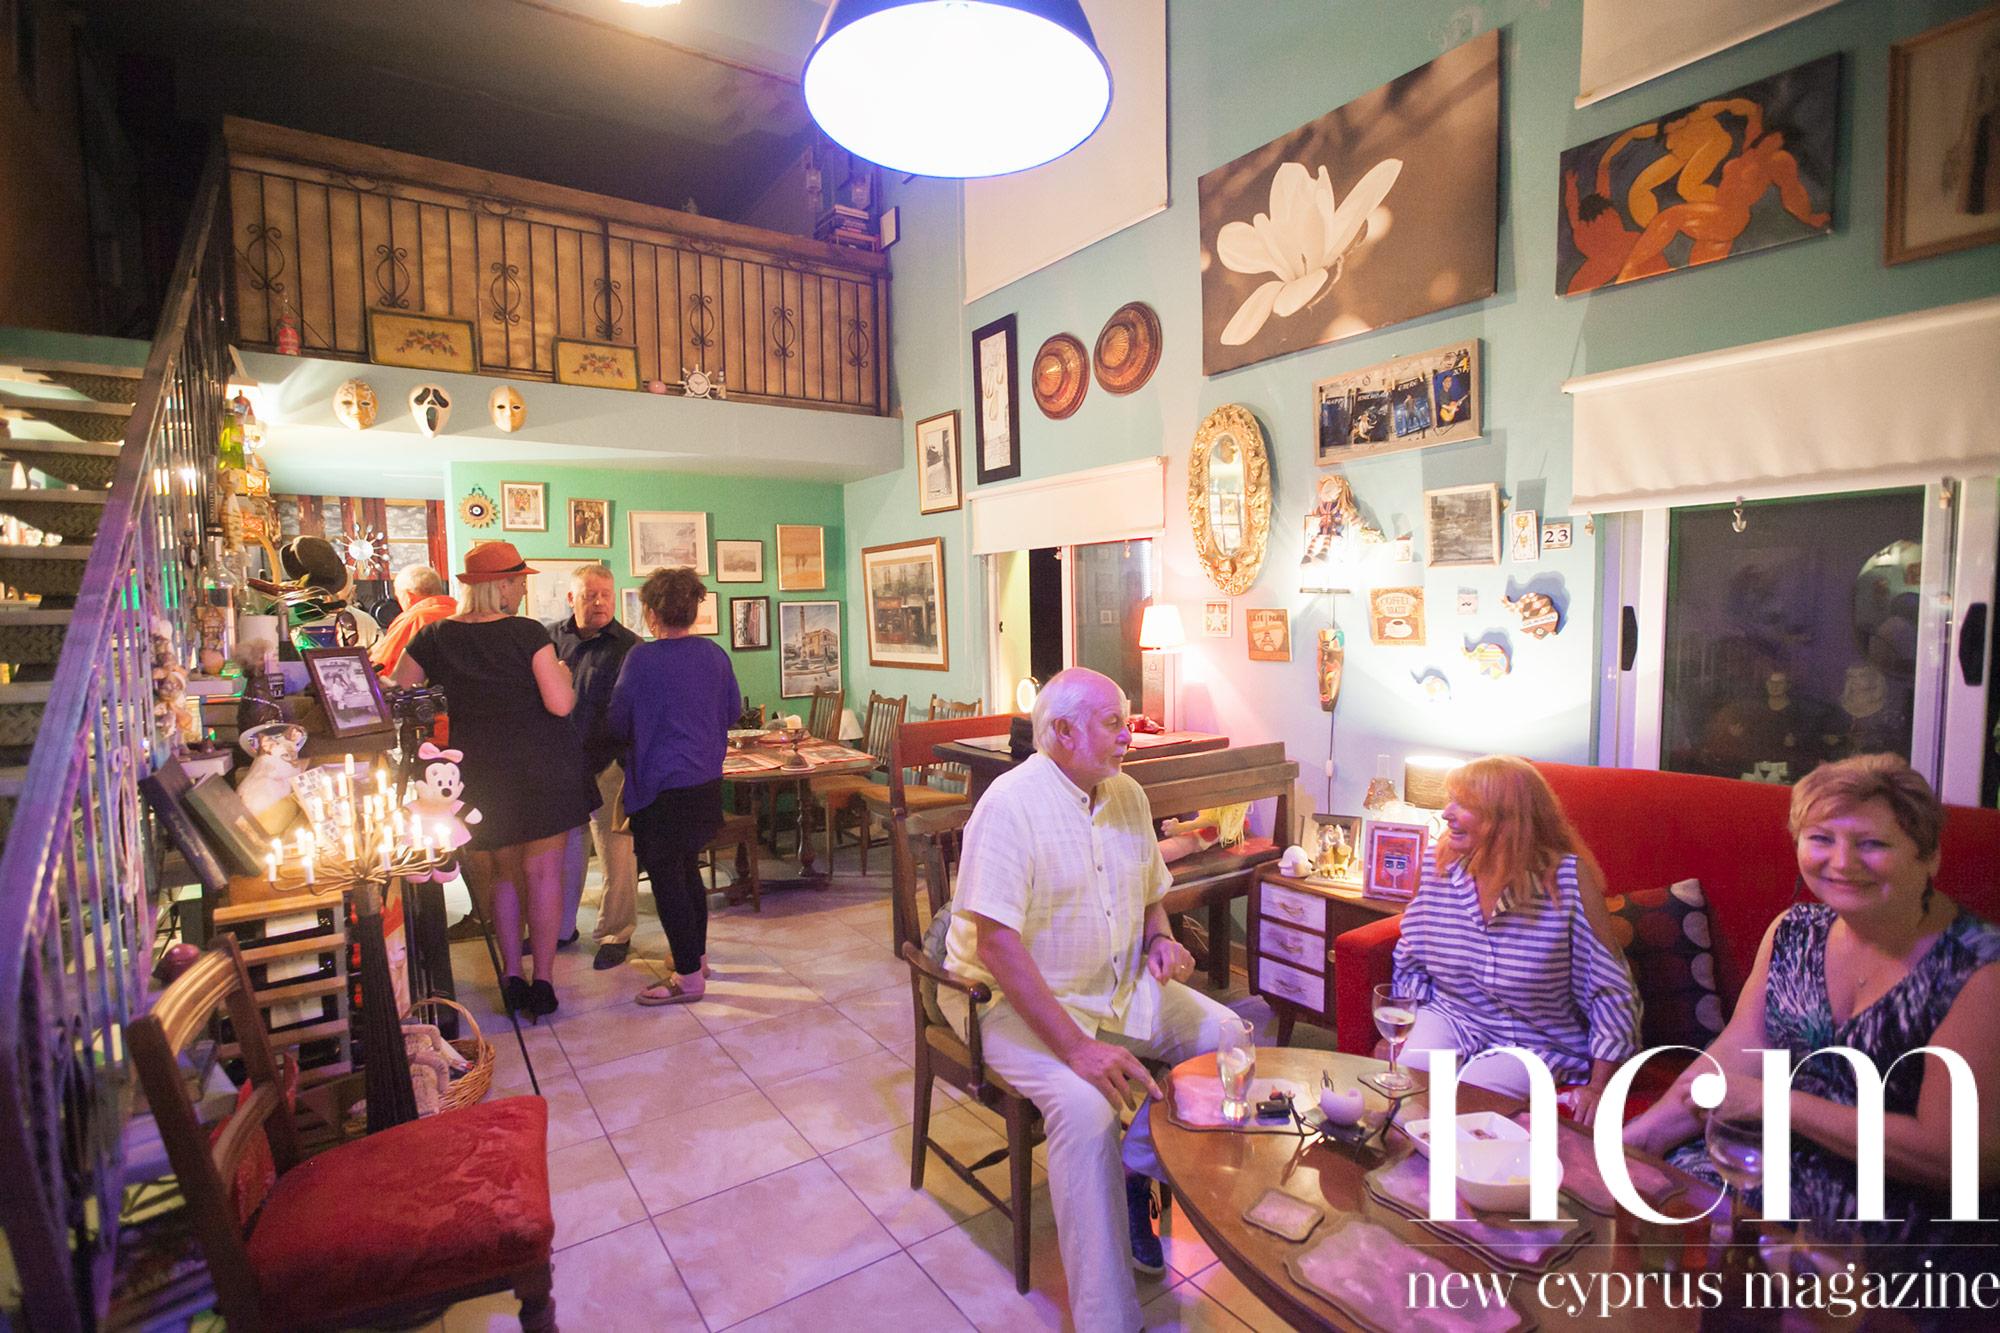 Jazz Cafe des Artistes in Alsancak